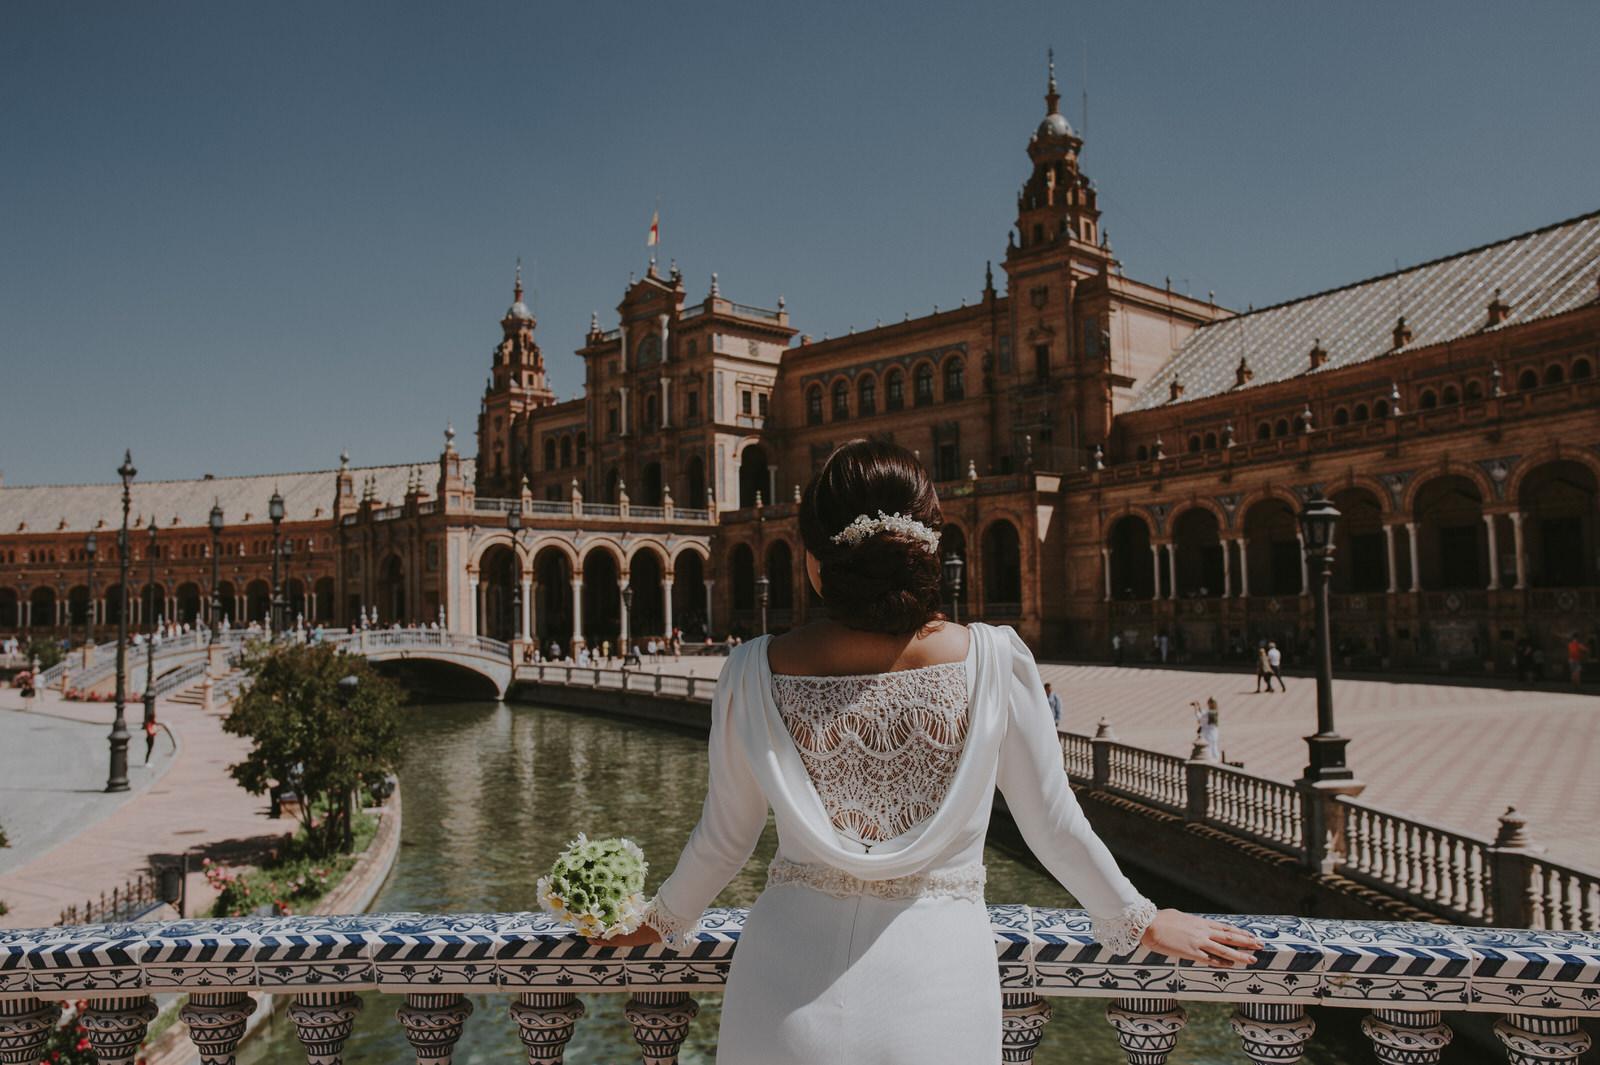 Fotografo de Boda en Sevilla - Andrés Amarillo - Plaza de España- Sevilla.jpg